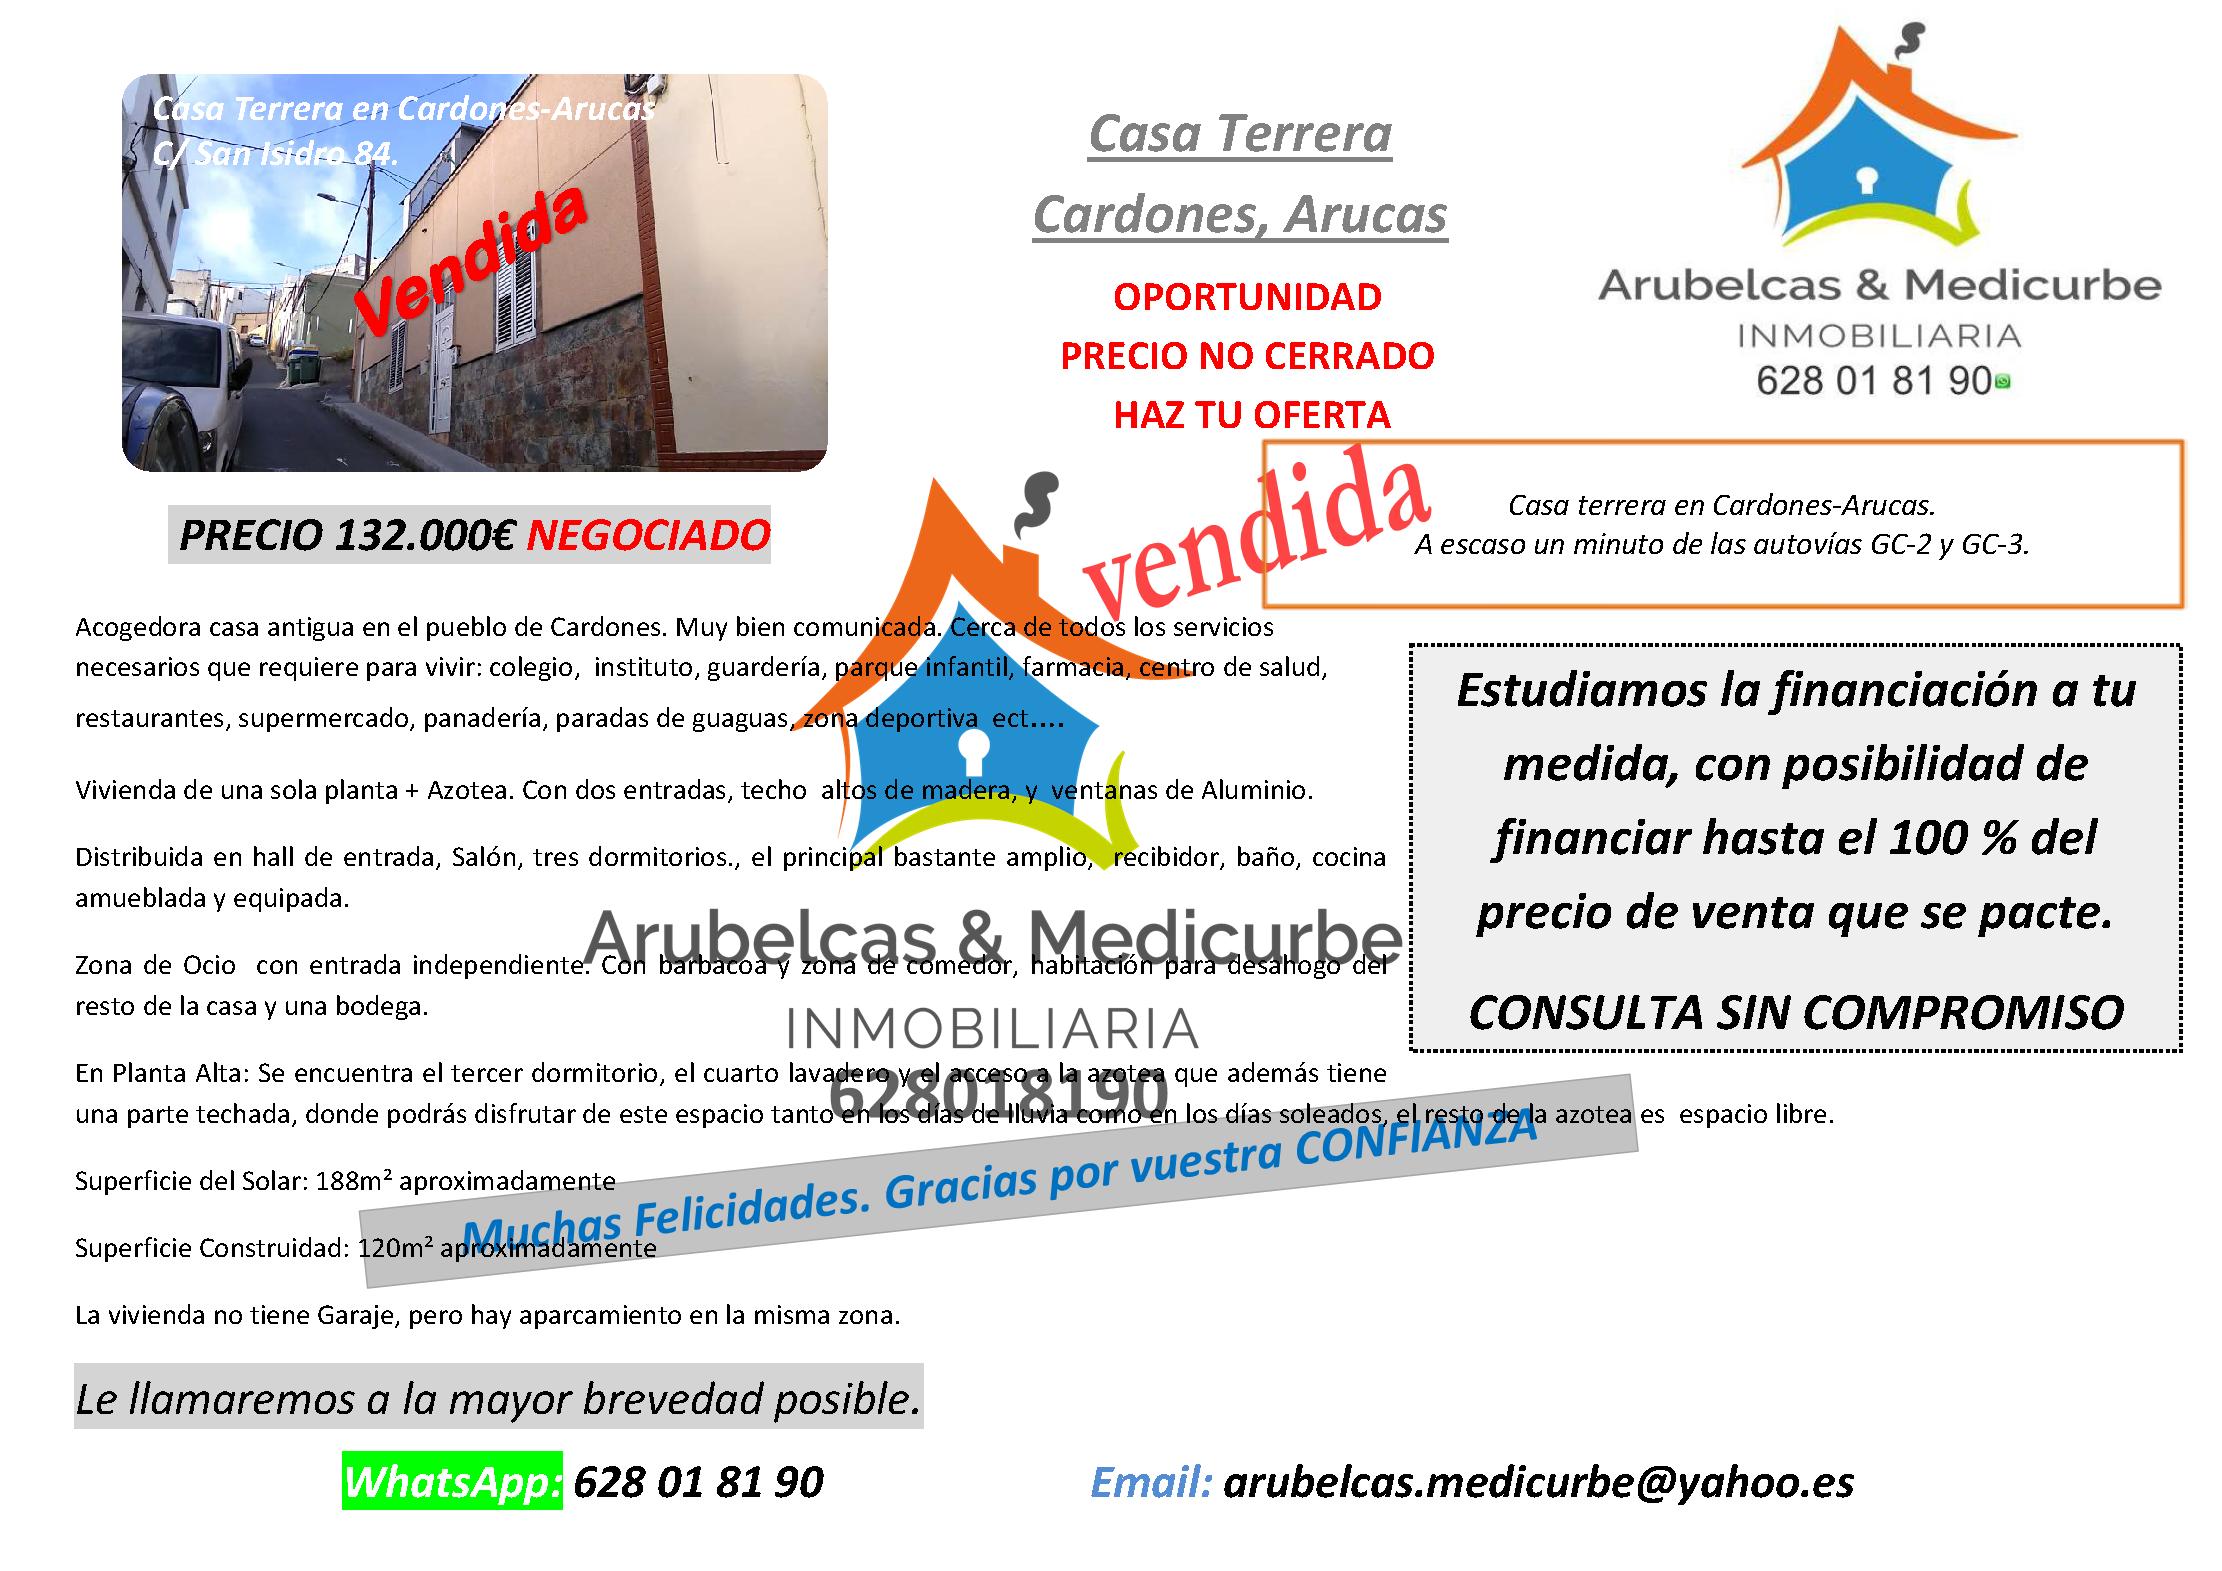 VENDIDA CARDONES ARUCAS